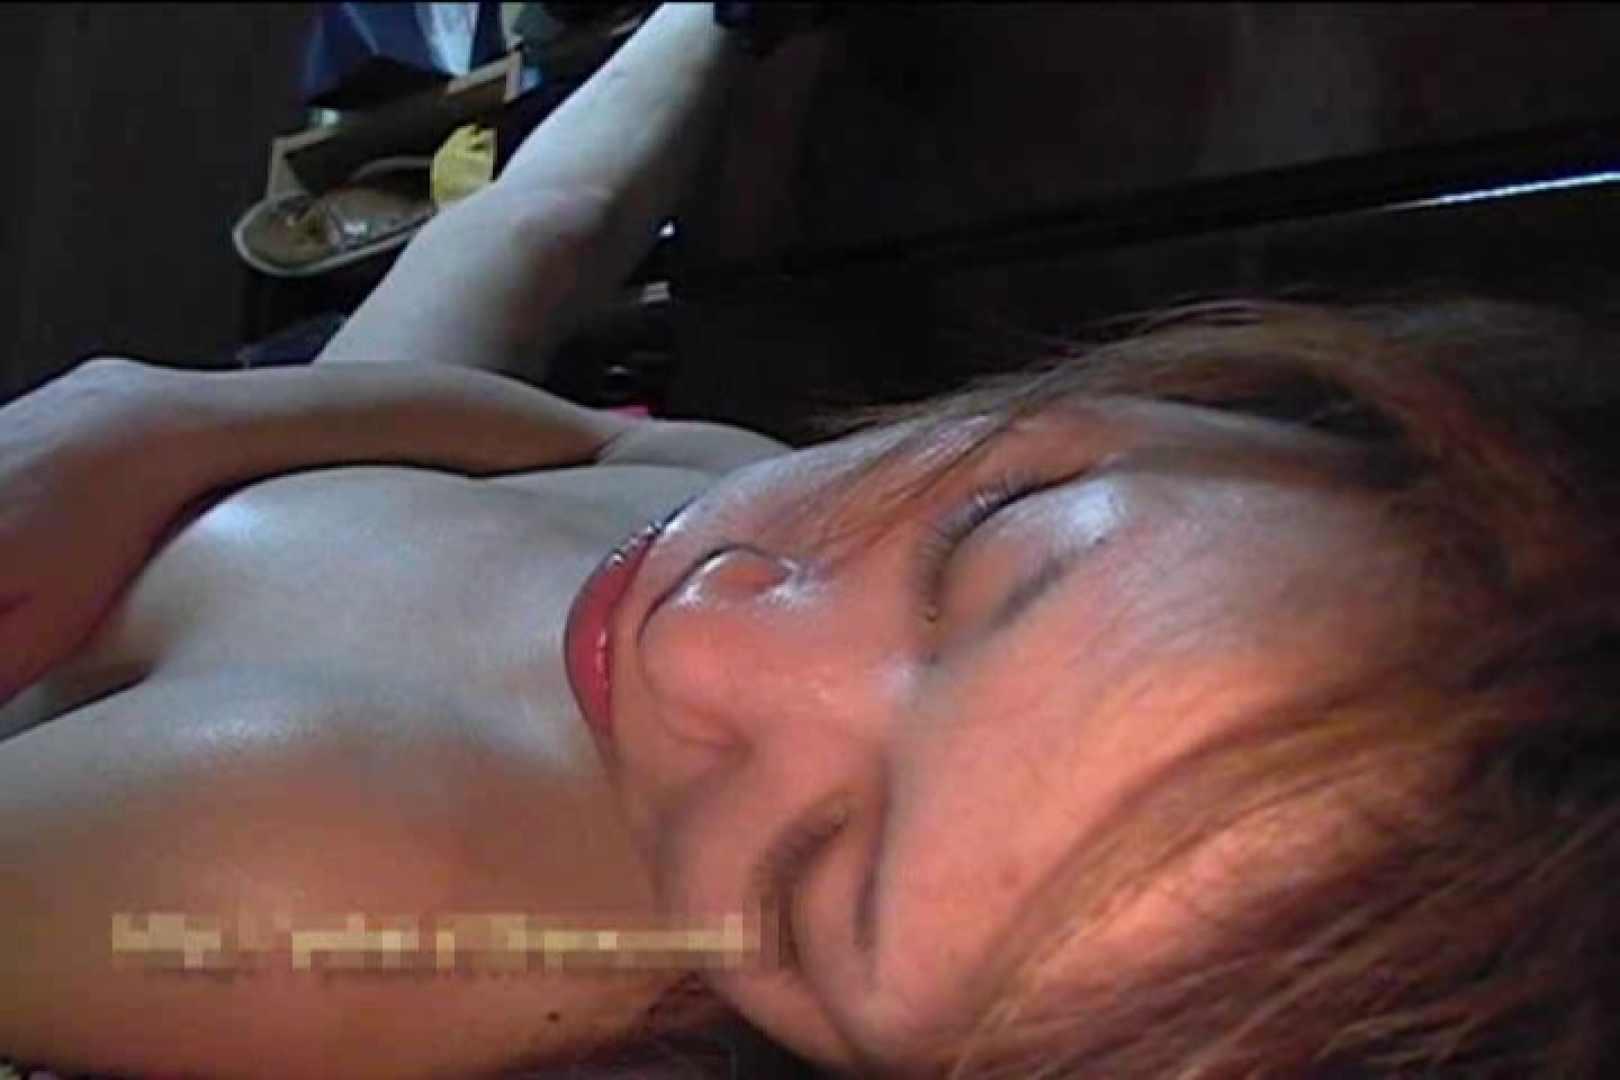 今夜妻を犯しますVol.4 悪戯 アダルト動画キャプチャ 86PIX 2